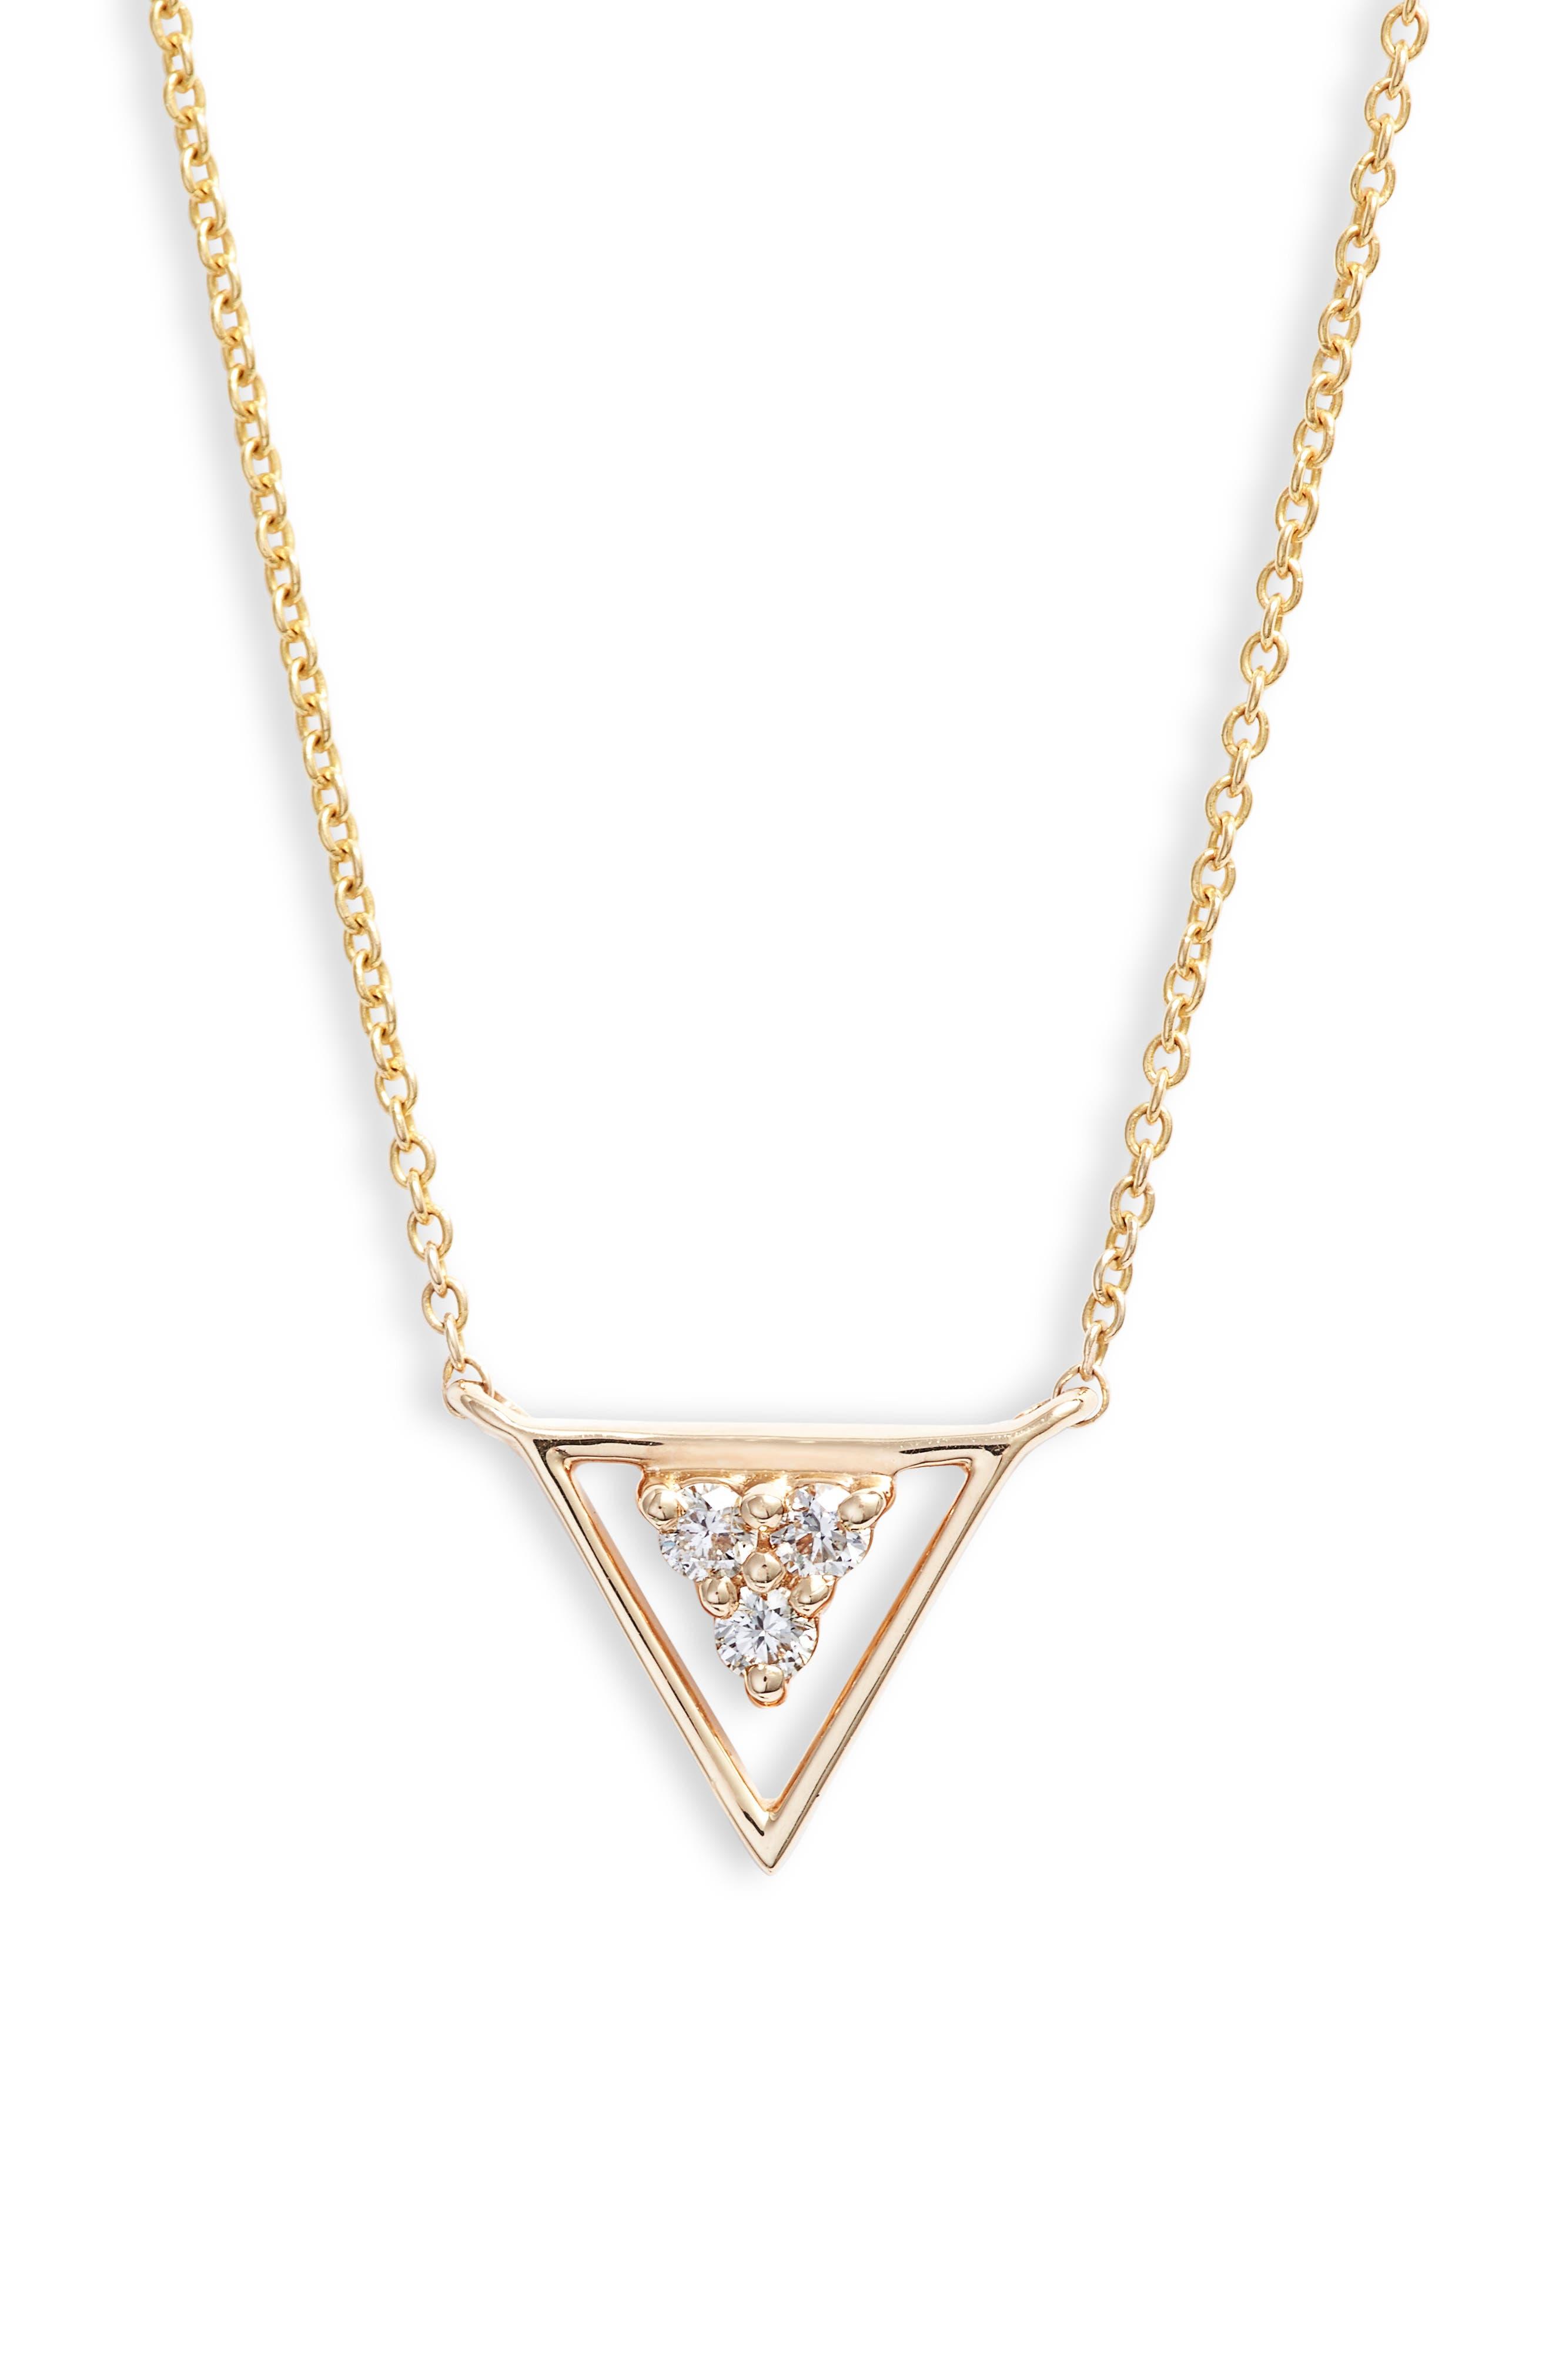 DANA REBECCA DESIGNS Ivy Diamond Triangle Pendant Necklace, Main, color, YELLOW GOLD/ PEARL